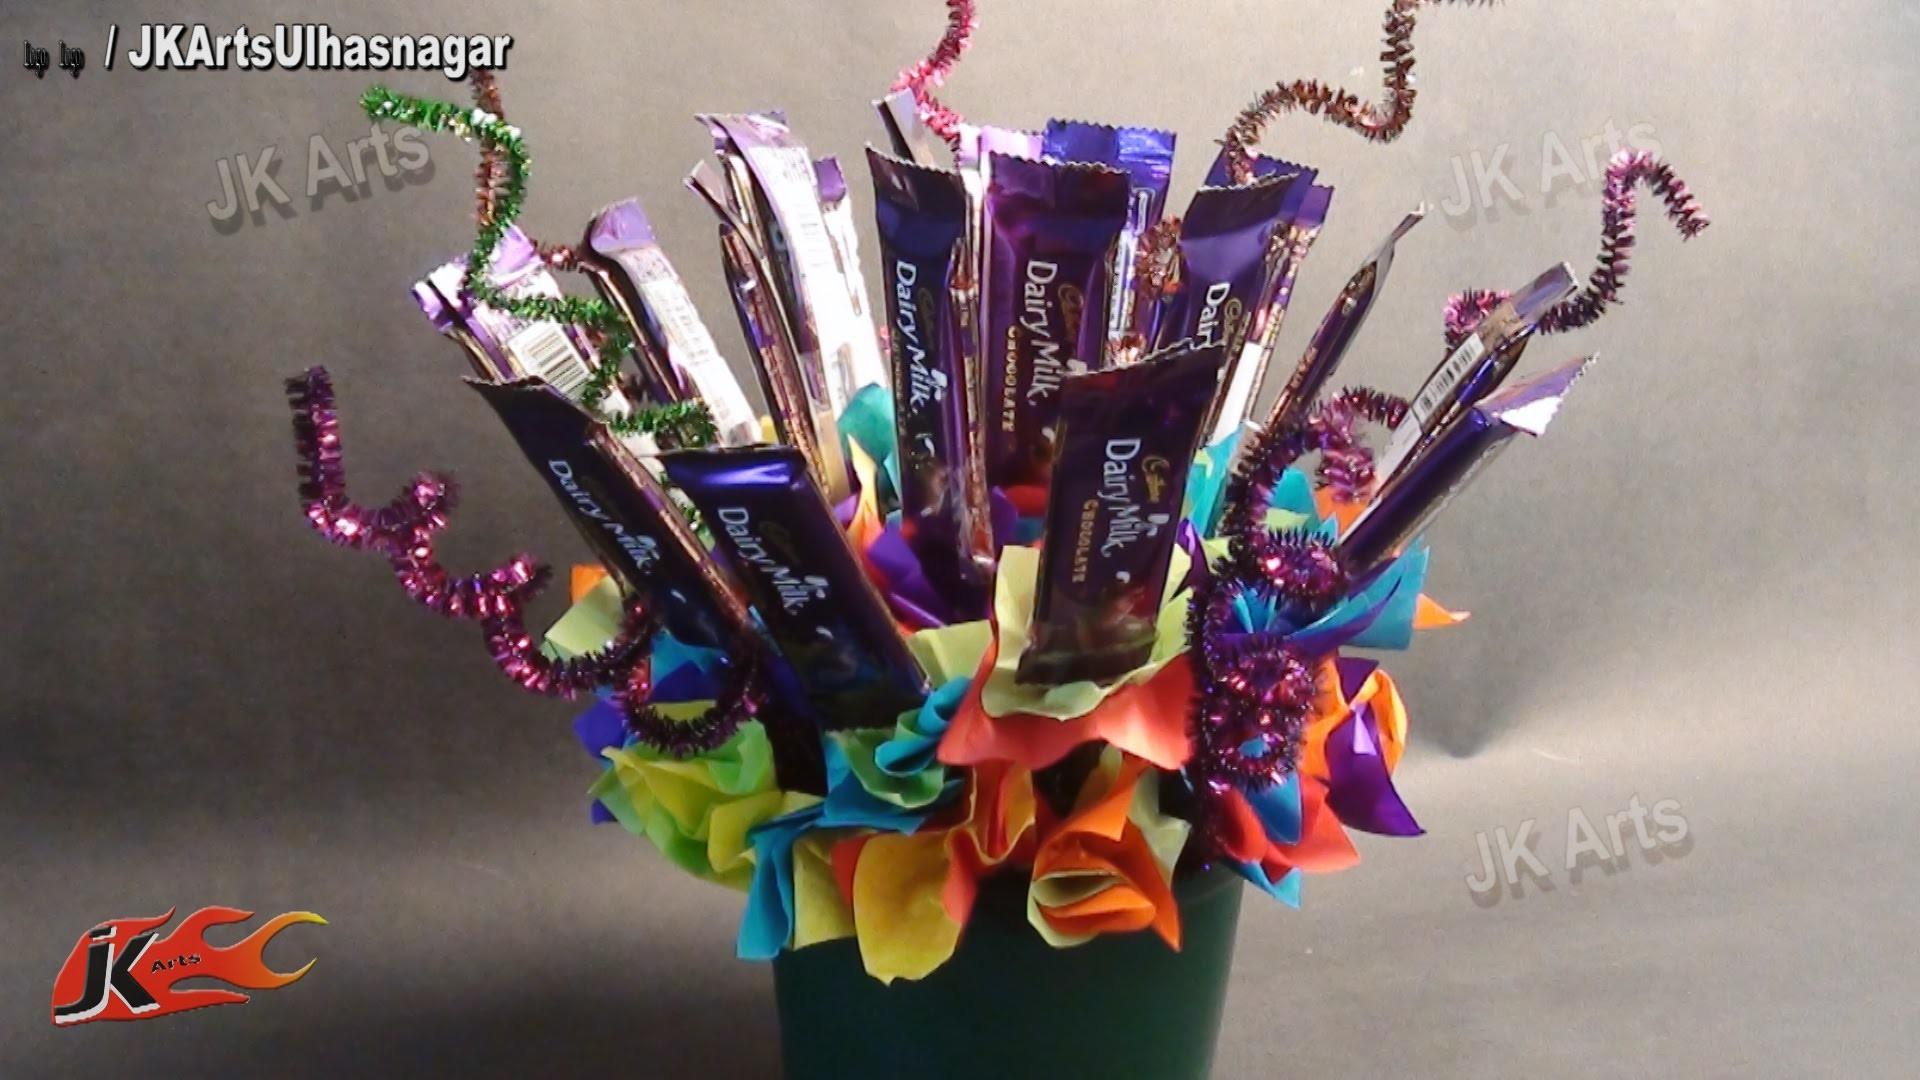 DIY Chocolate Bouquet - Valentine's Day Gift Idea  - JK Arts 628